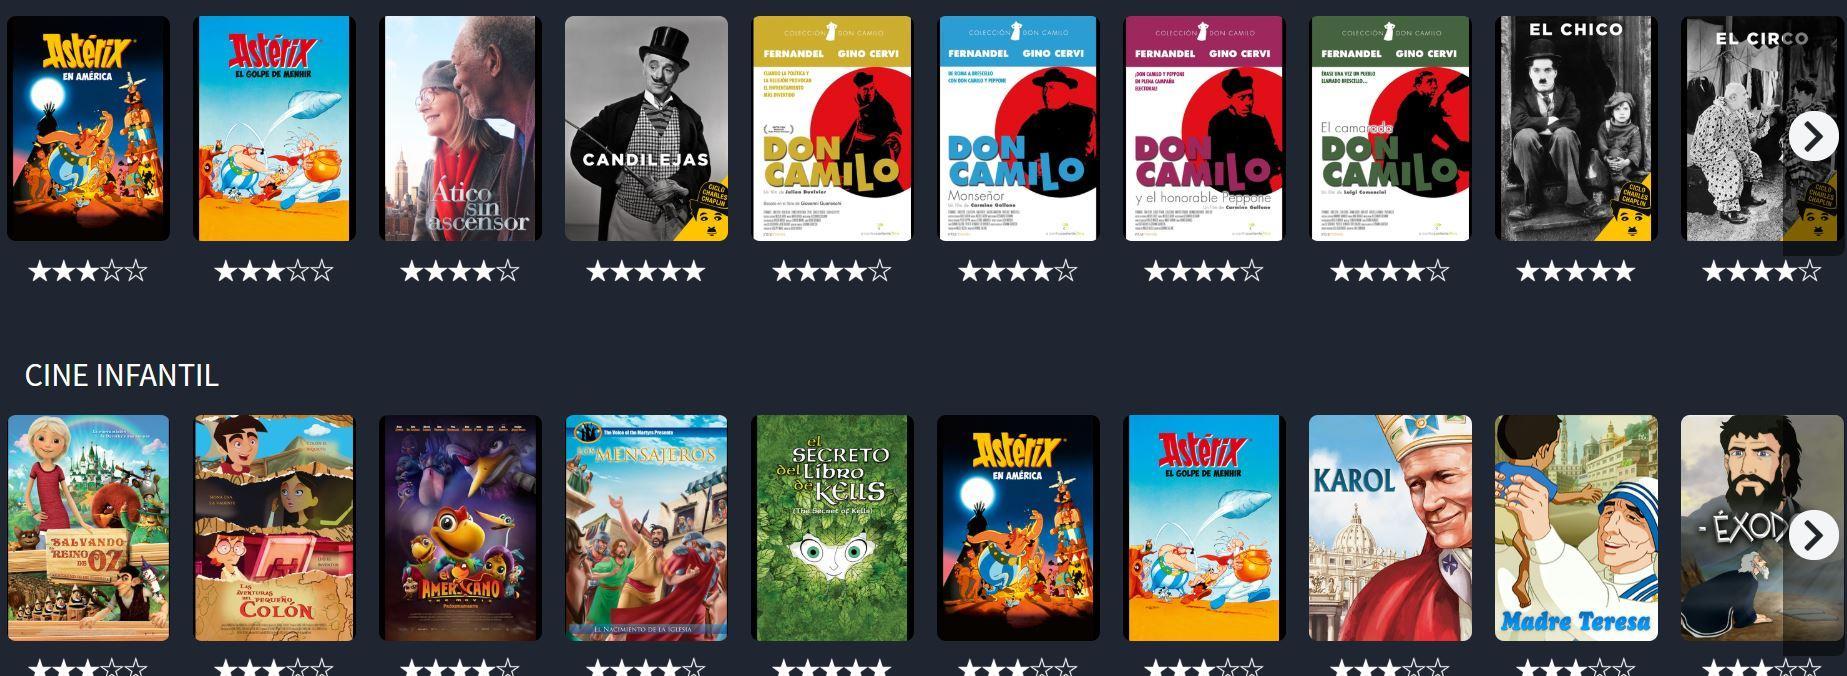 Plataforma para ver películas online para toda la familia